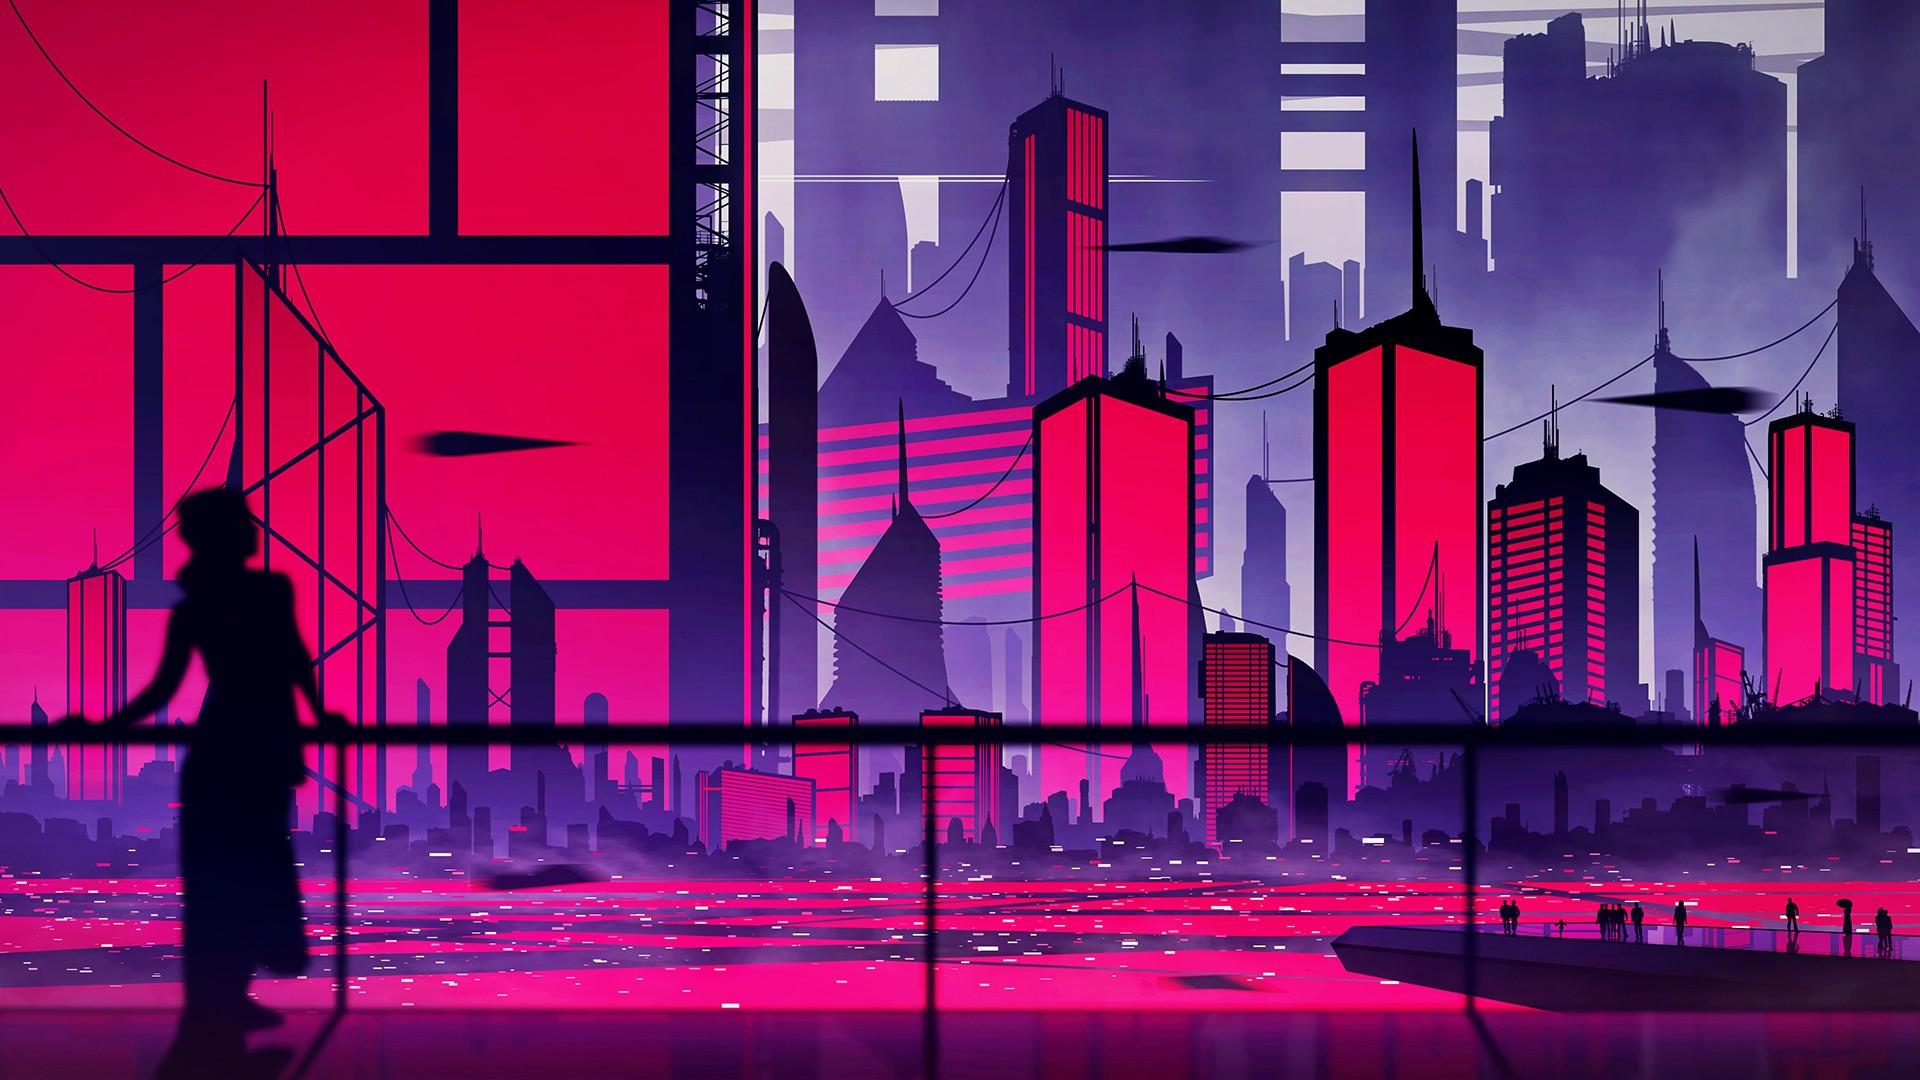 Wallpaper Illustration Digital Art Sunset Cityscape